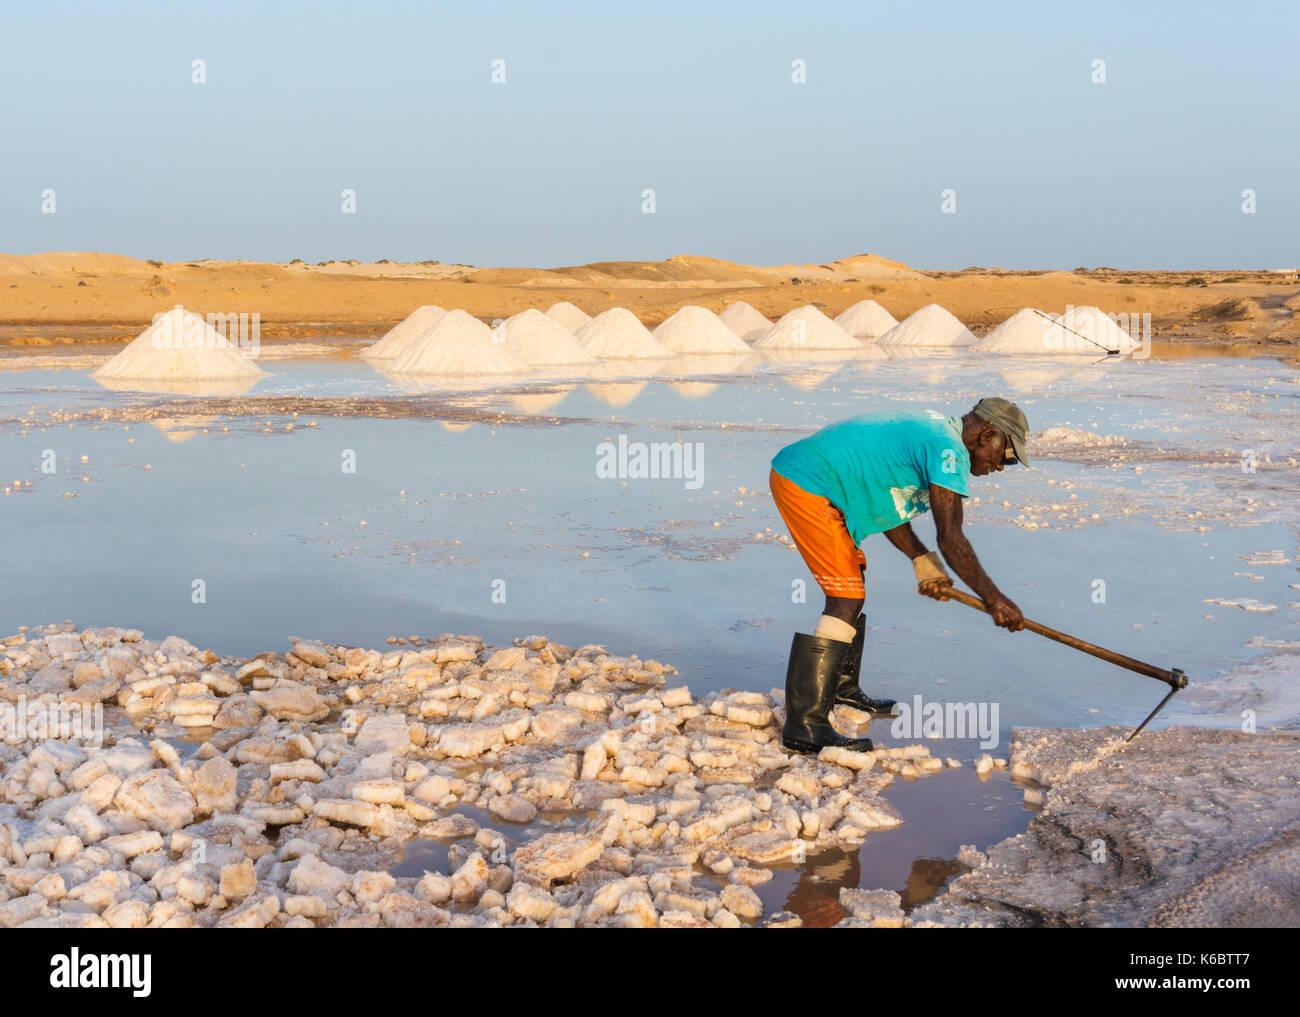 Cabo Verde SAL hombre Local cavando montones de sal de las salinas naturales en Salinas, justo en las afueras de Santa María, en la isla de Sal, Cabo Verde, África Imagen De Stock